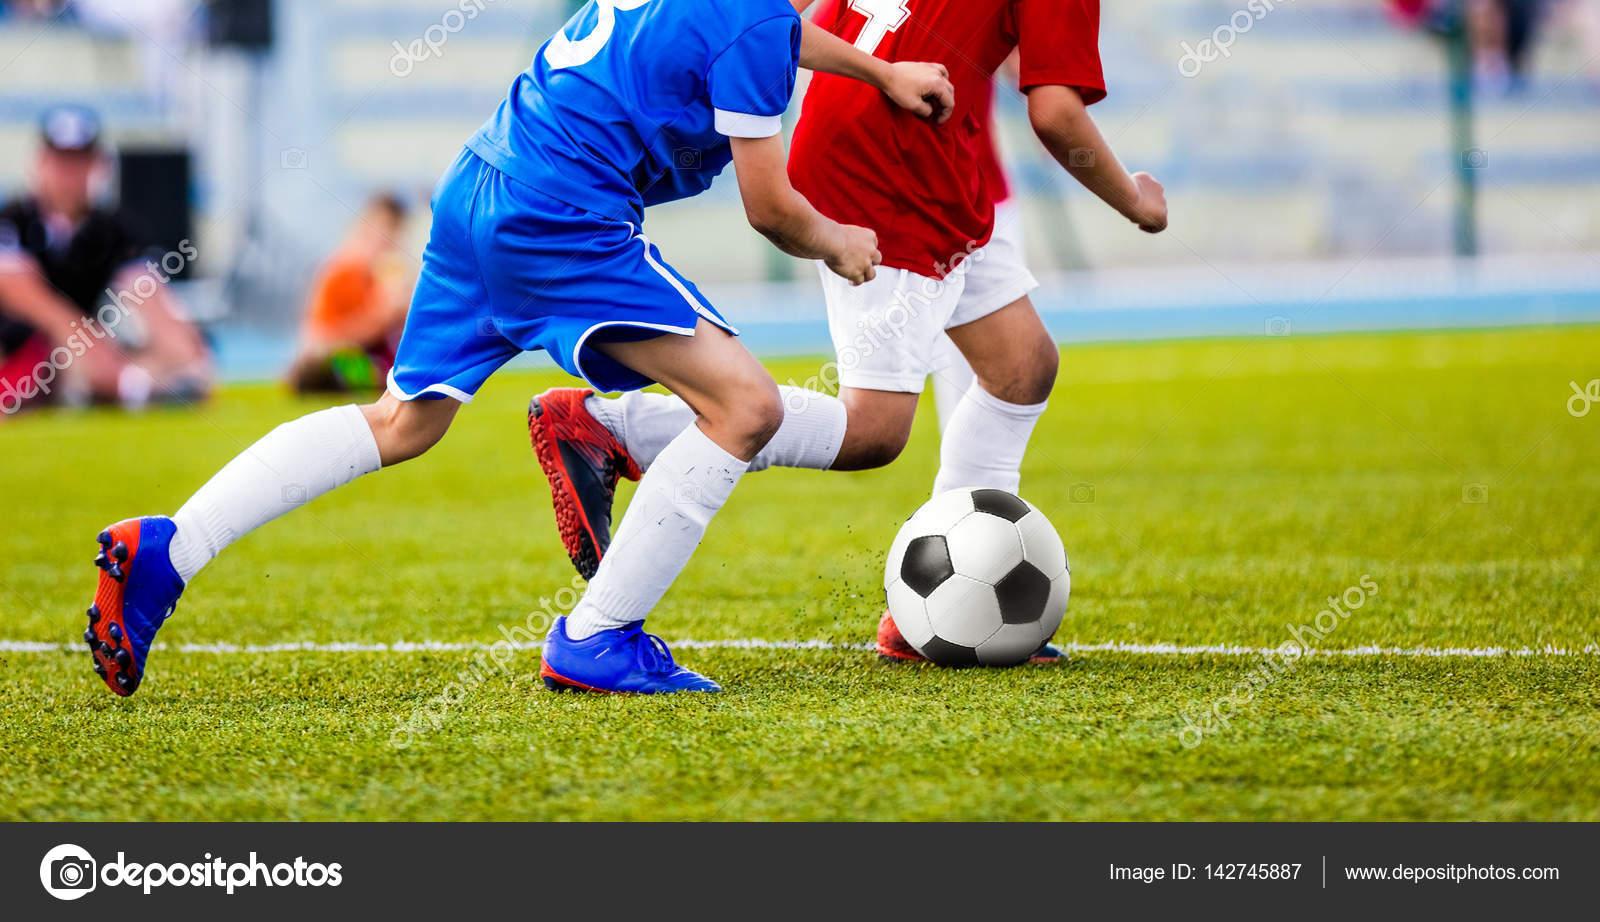 Immagini Di Calcio Per Bambini : Partita di calcio per bambini bambini che giocano gioco del